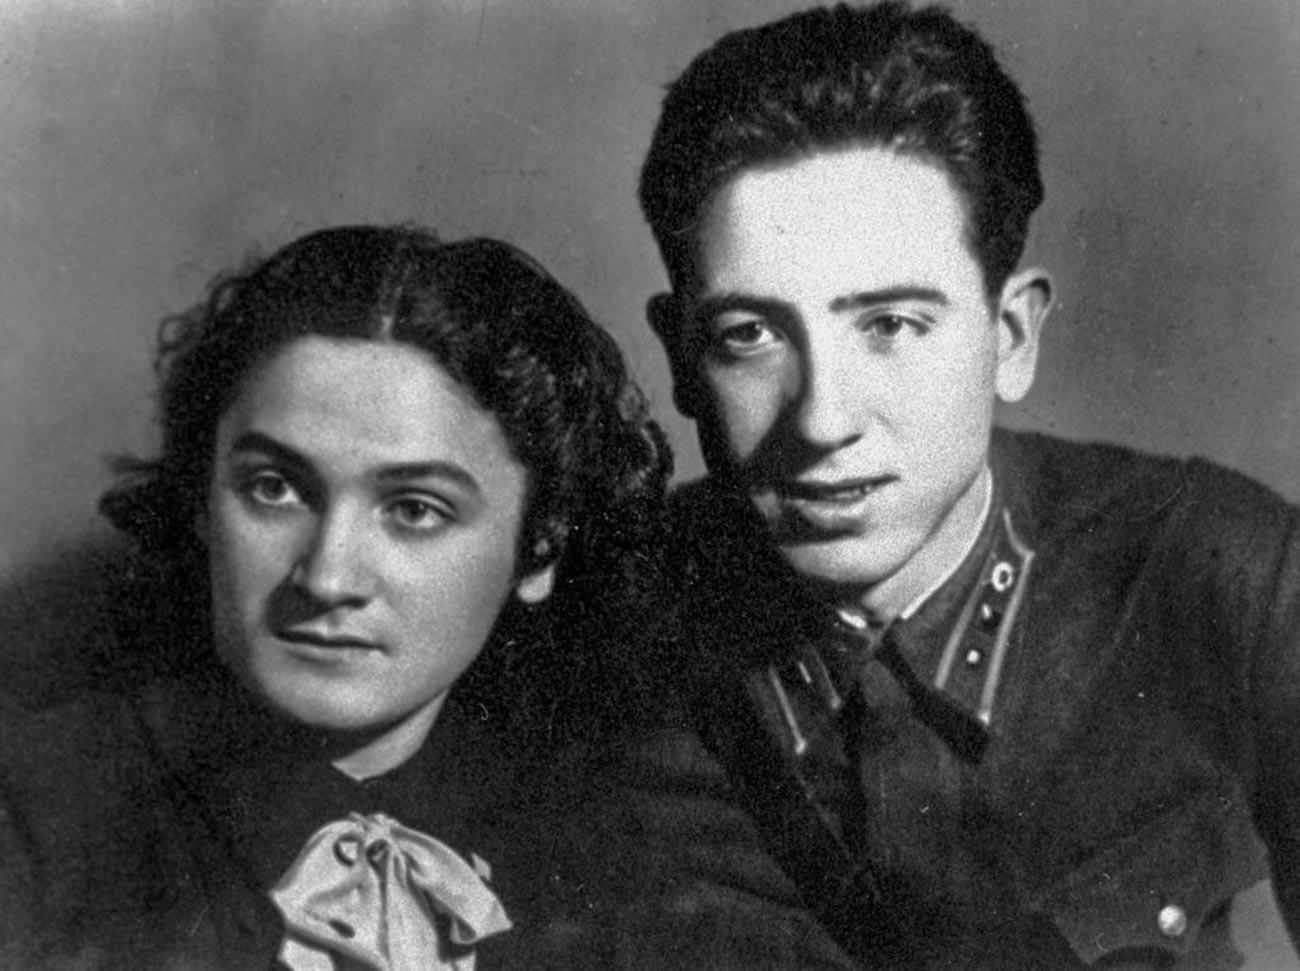 Rubén Ruiz Ibárruri (figlio della leader del Partito Comunista di Spagna Dolores Ibárruri) con la sorella Amaya